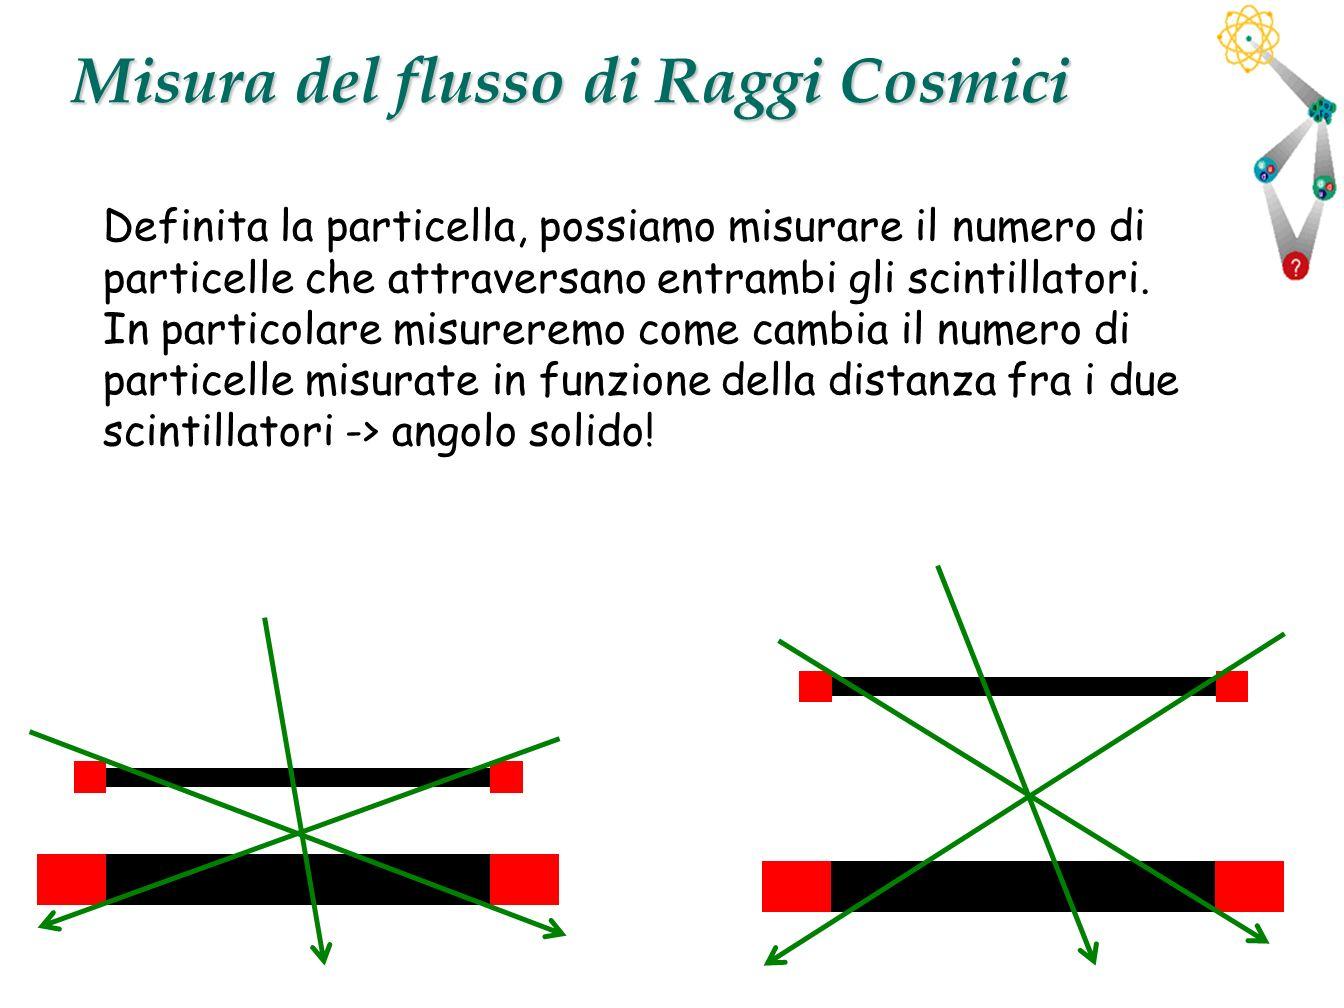 Misura del flusso di Raggi Cosmici